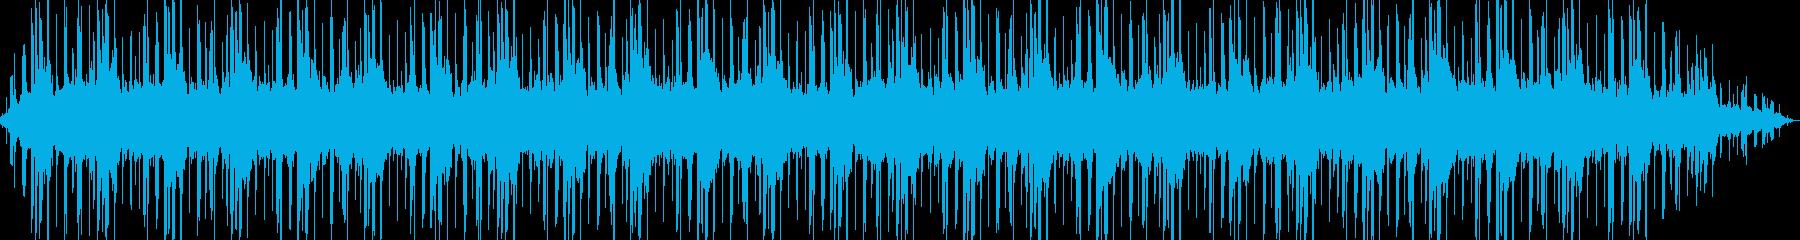 ゲームオプション画面 休憩 考え中の再生済みの波形